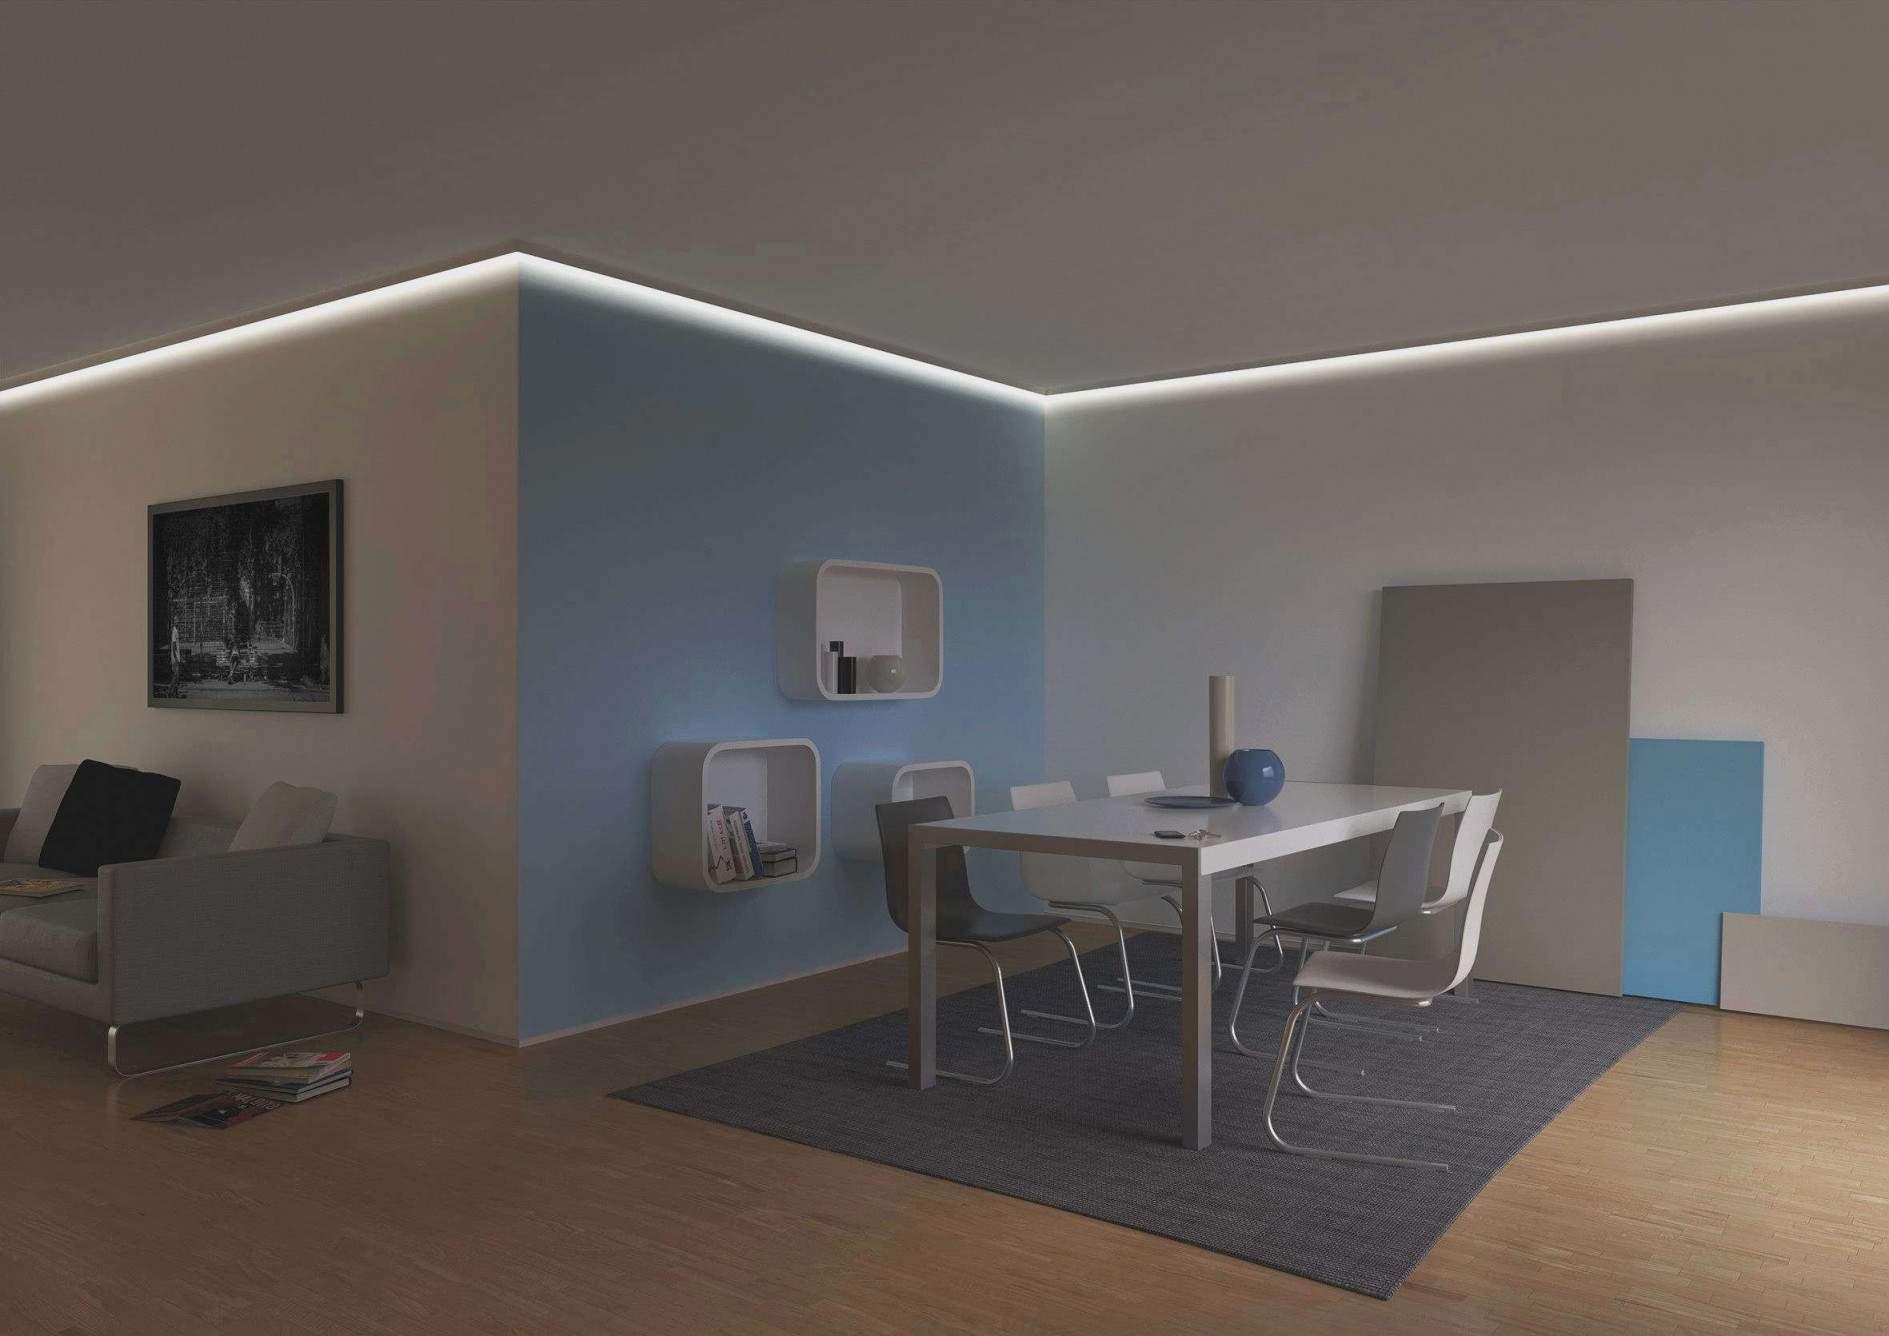 Full Size of Indirekte Beleuchtung Decke Deckenbeleuchtung Wohnzimmer Das Beste Von Deckenlampe Schlafzimmer Led Deckenleuchte Bad Spiegelschrank Mit Küche Deckenleuchten Wohnzimmer Indirekte Beleuchtung Decke